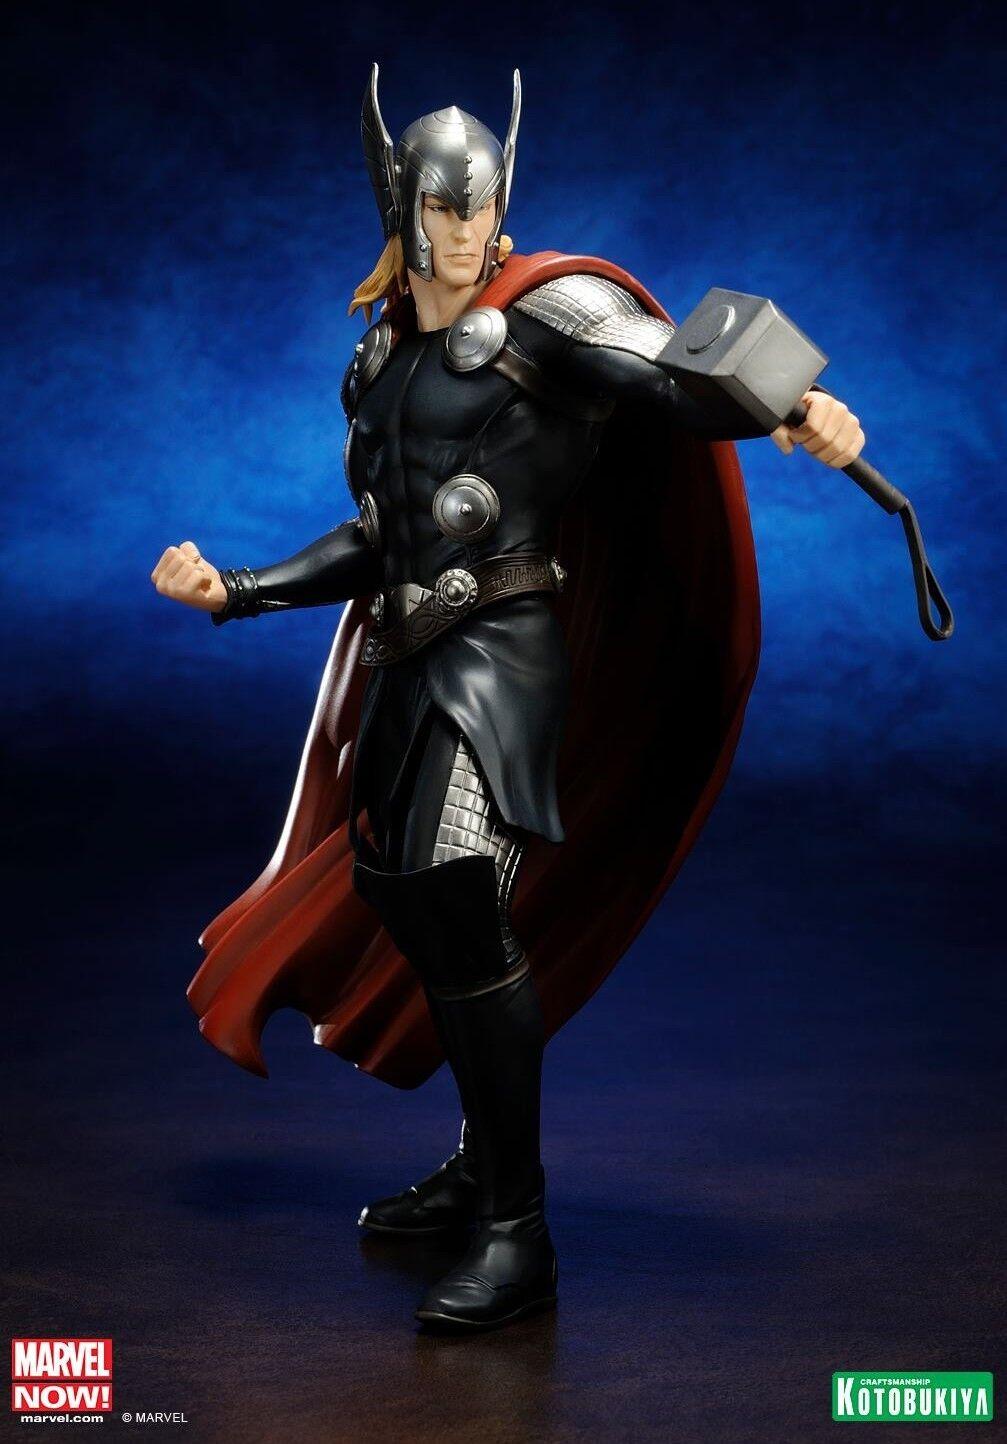 Kotobukiya marvel  thor  avengers now artfx + statue marvel avengers hulk  jusqu'à 34% de réduction sur tous les produits